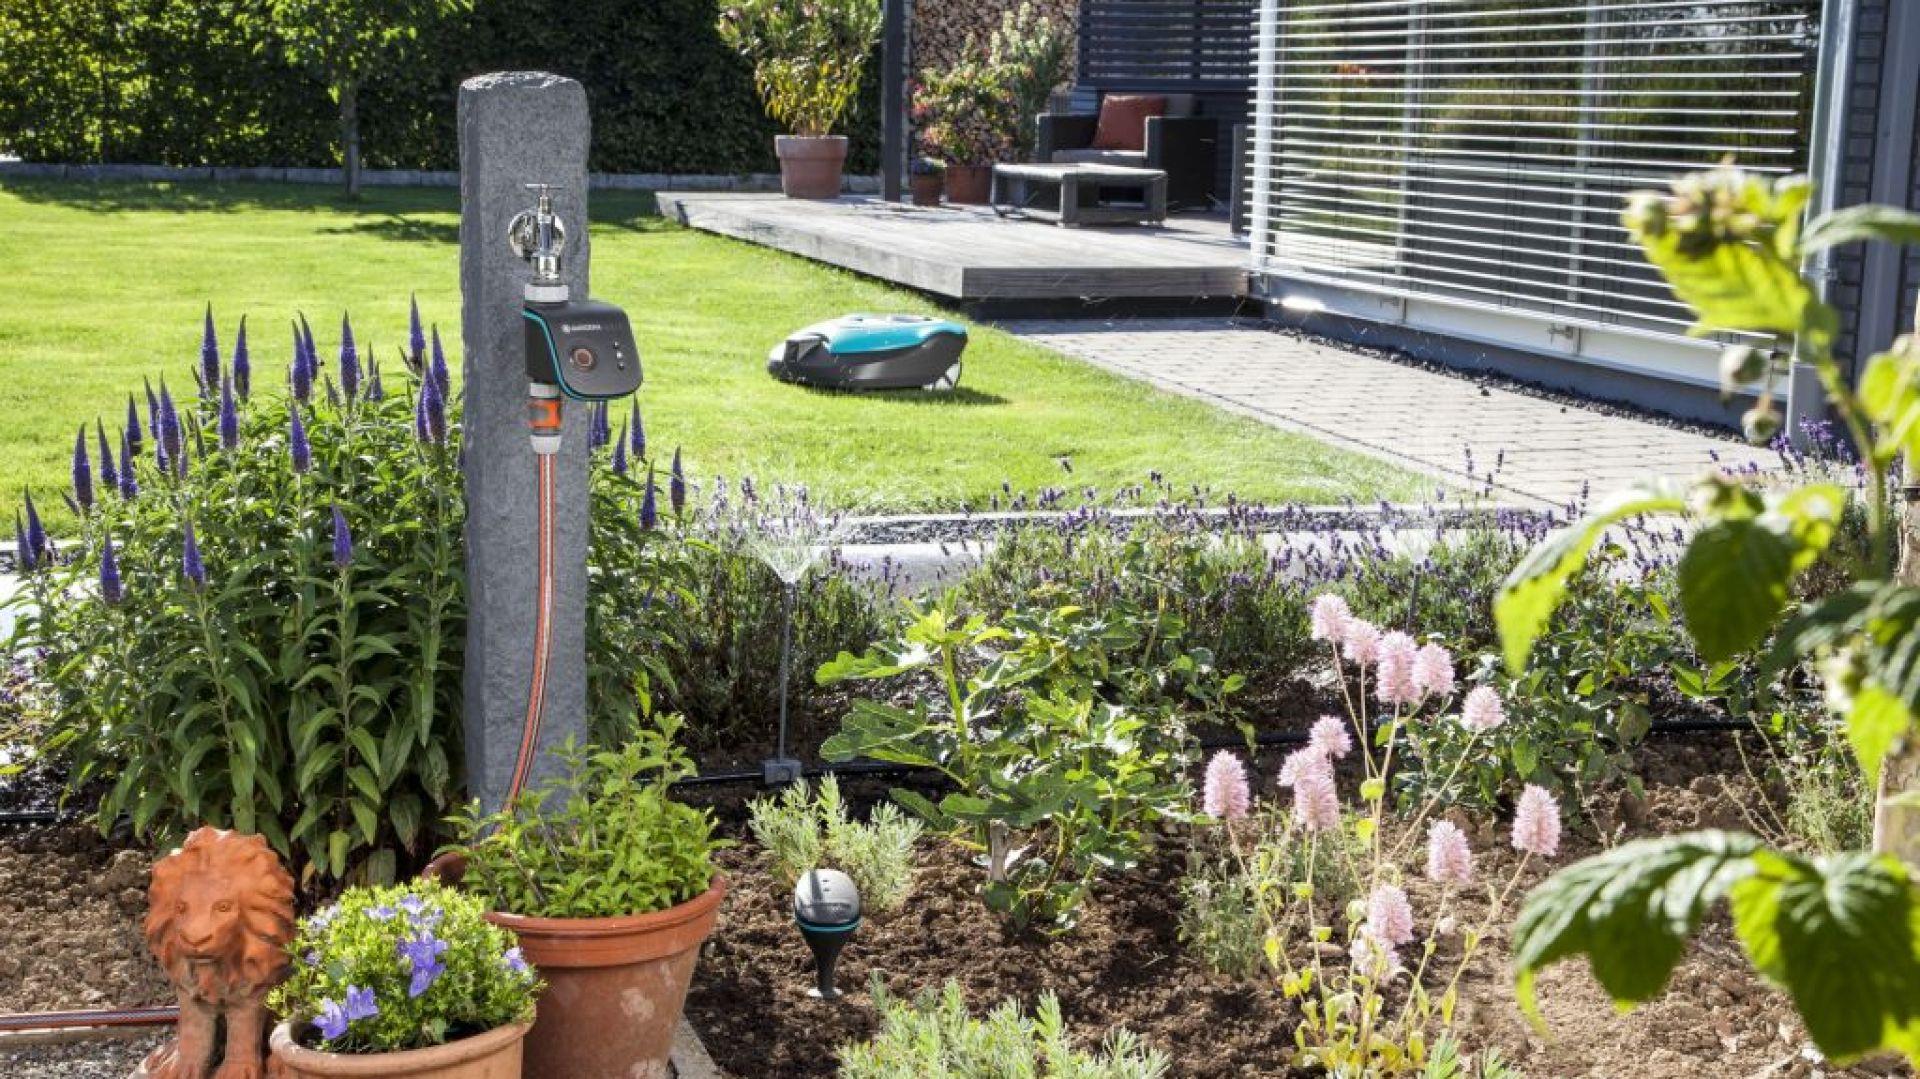 Gardena wprowadza do Polski Gardena smart system. To zintegrowany system zarządzania ogrodem, który możemy kontrolować za pomocą telefonu z dowolnego miejsca na ziemi. Fot. Gardena